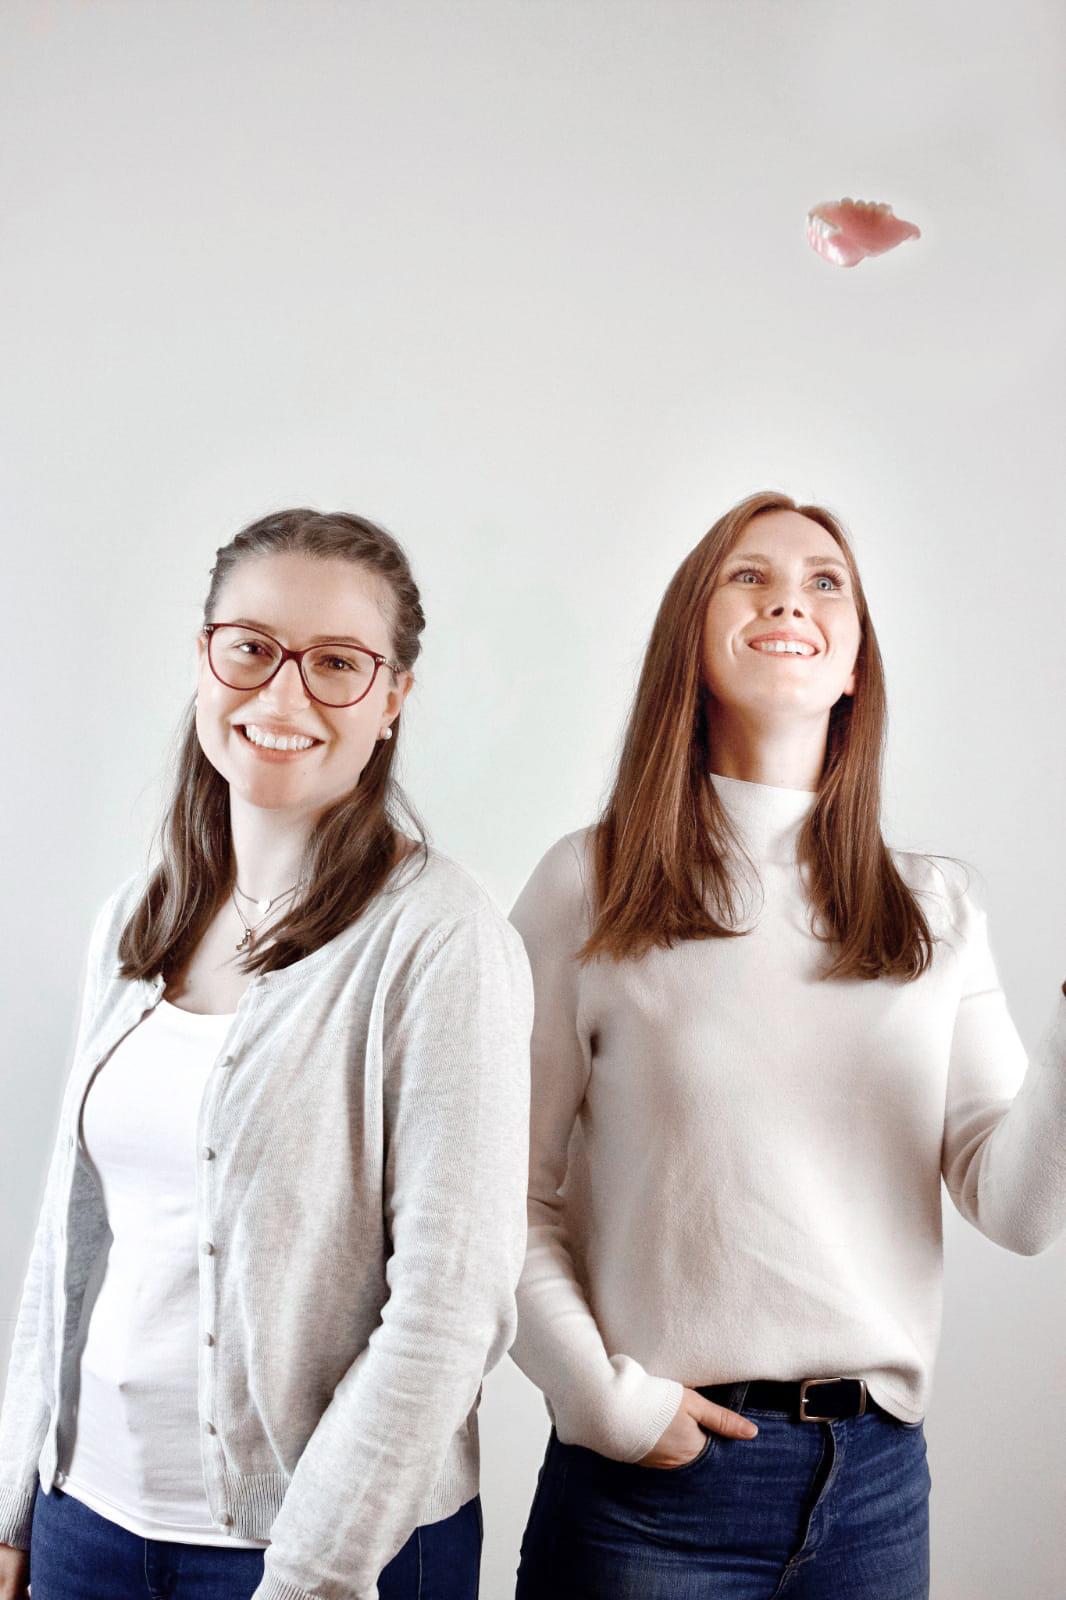 Zahntechnikerinnen - Jana Büttner und Monika Struck vom Dentallabor Frank Altmann - Hannover